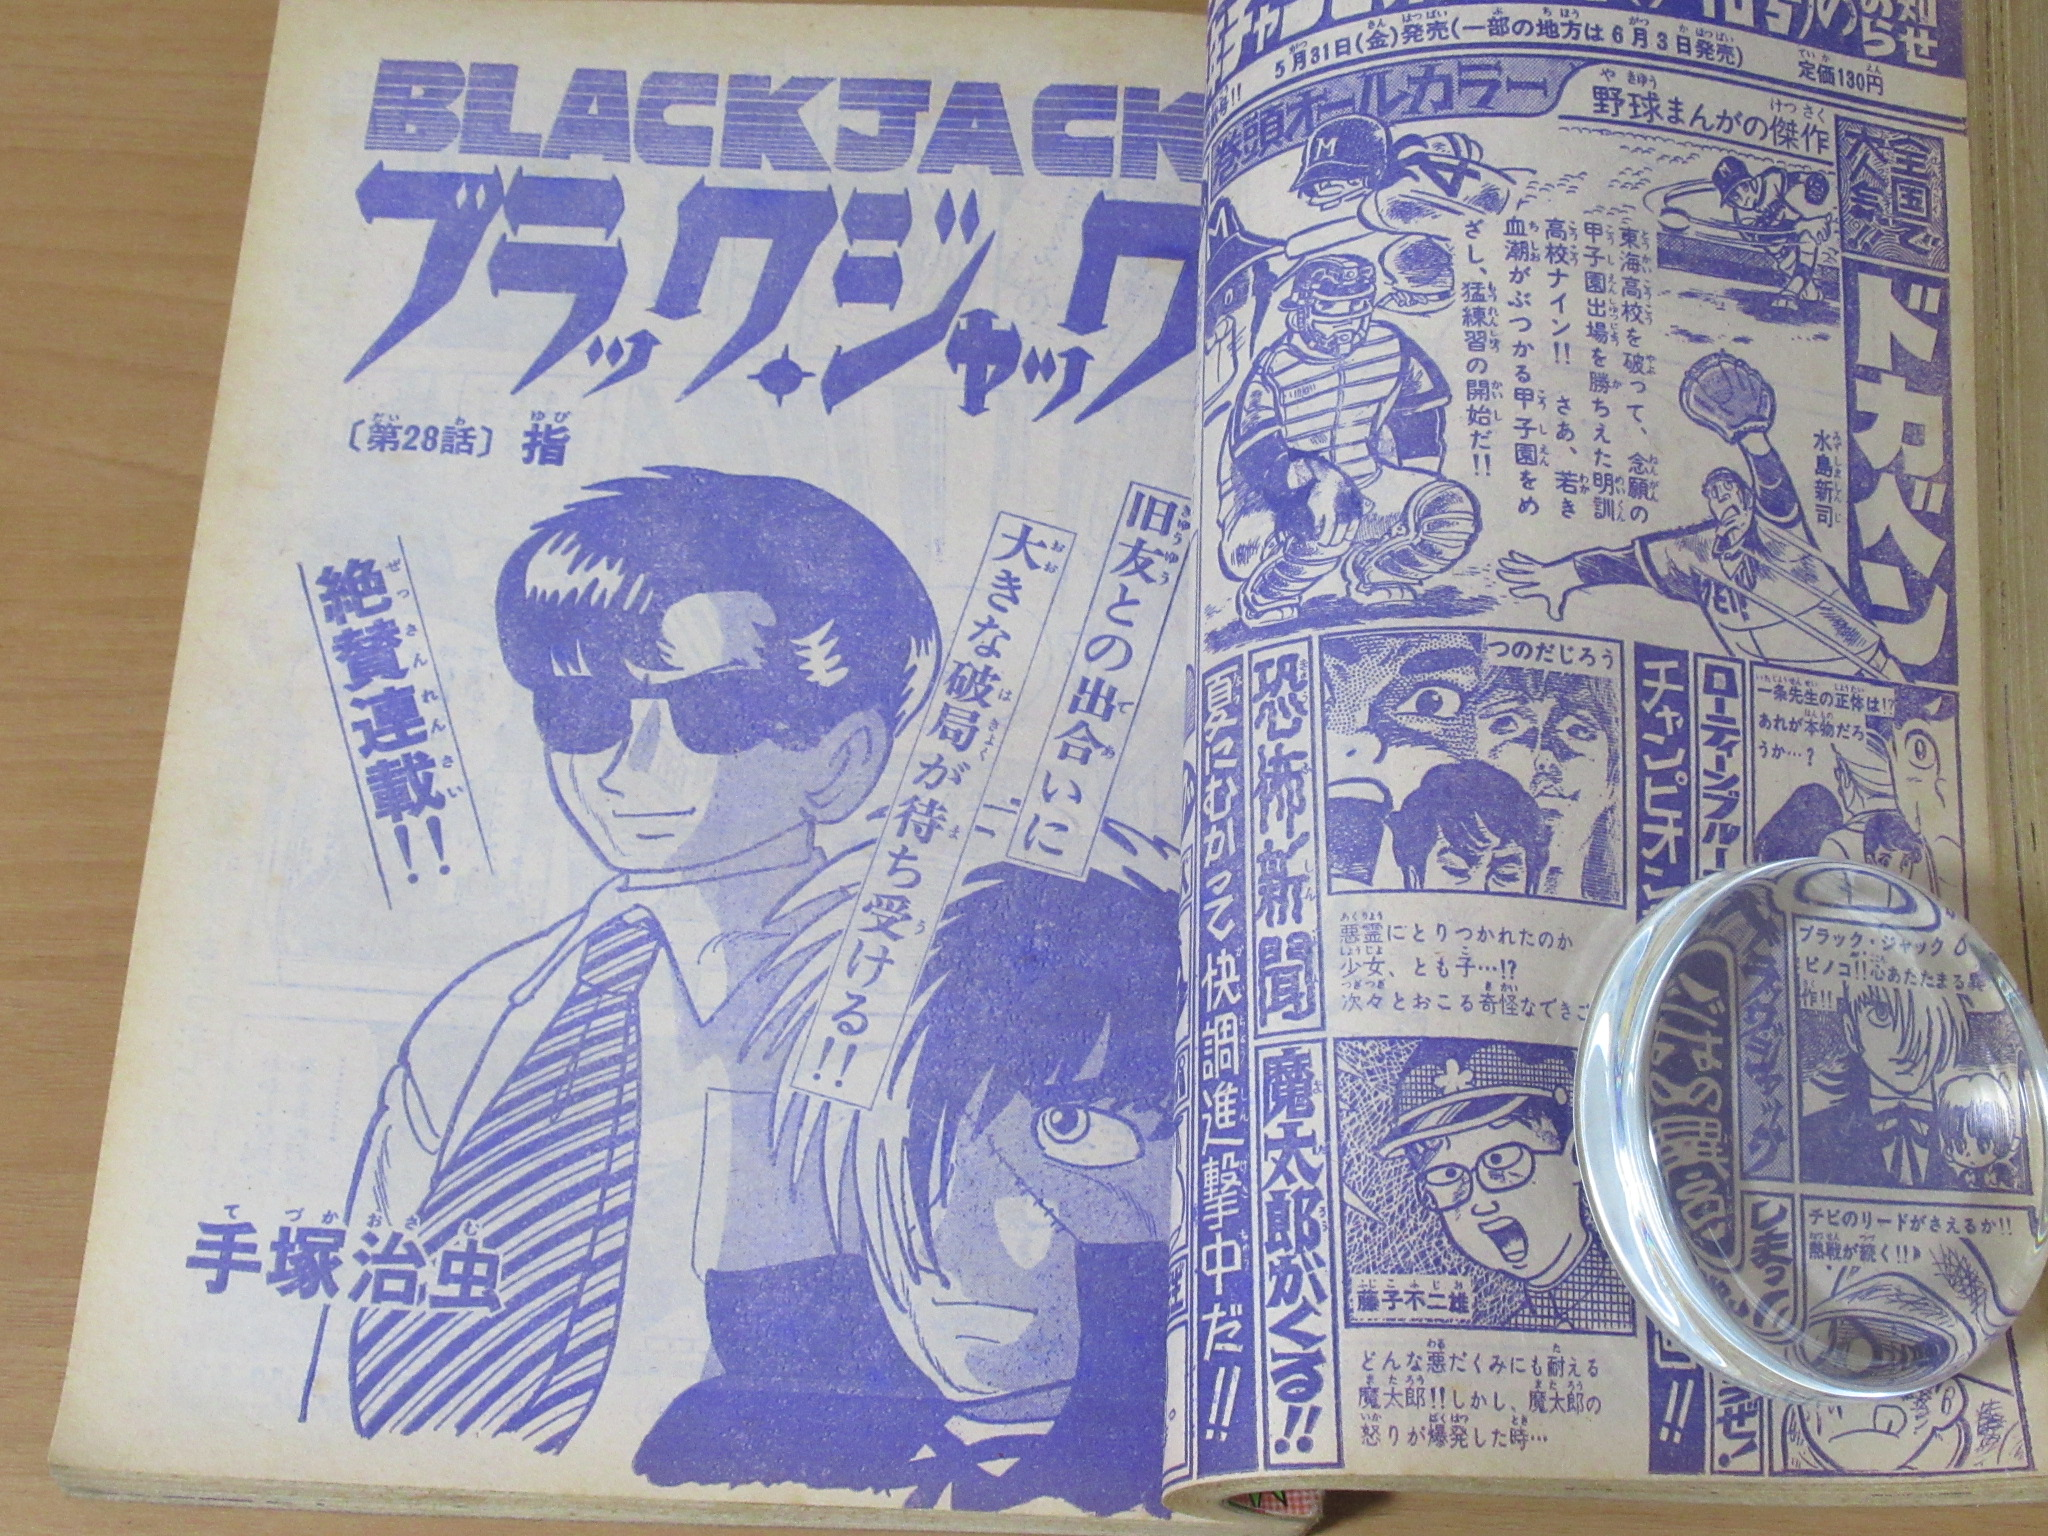 ブラックジャック 指 掲載号 買取 週刊少年チャンピオン 1974年27号 6月24日 昭和49年 手塚治虫